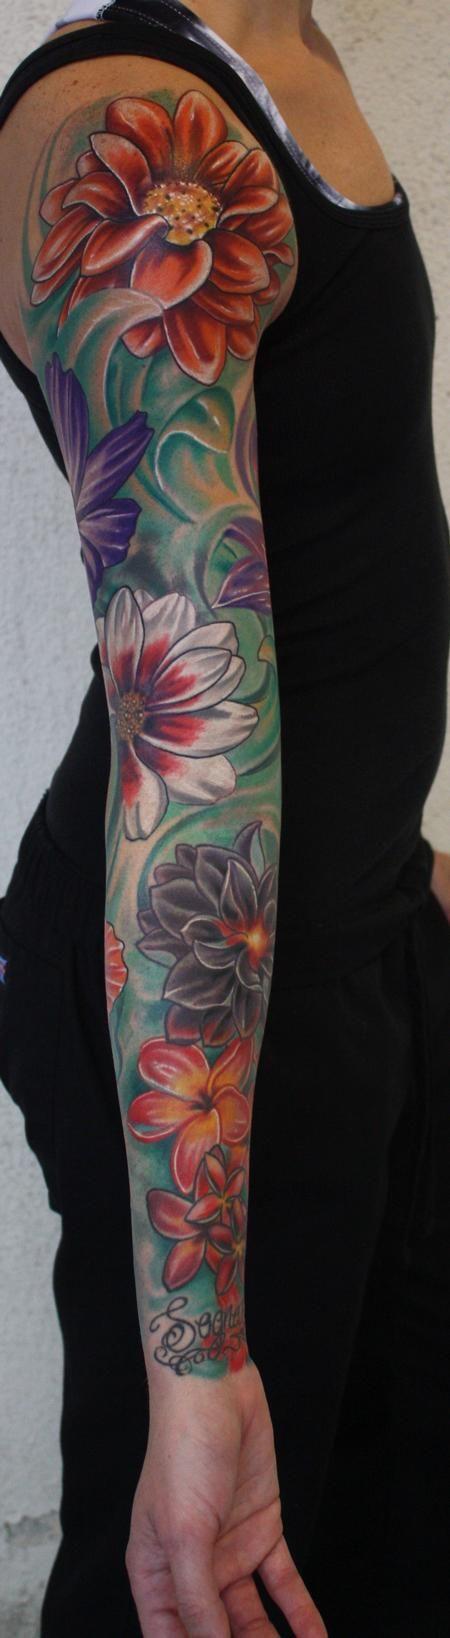 color flower sleeve tattoo : Tattoos :